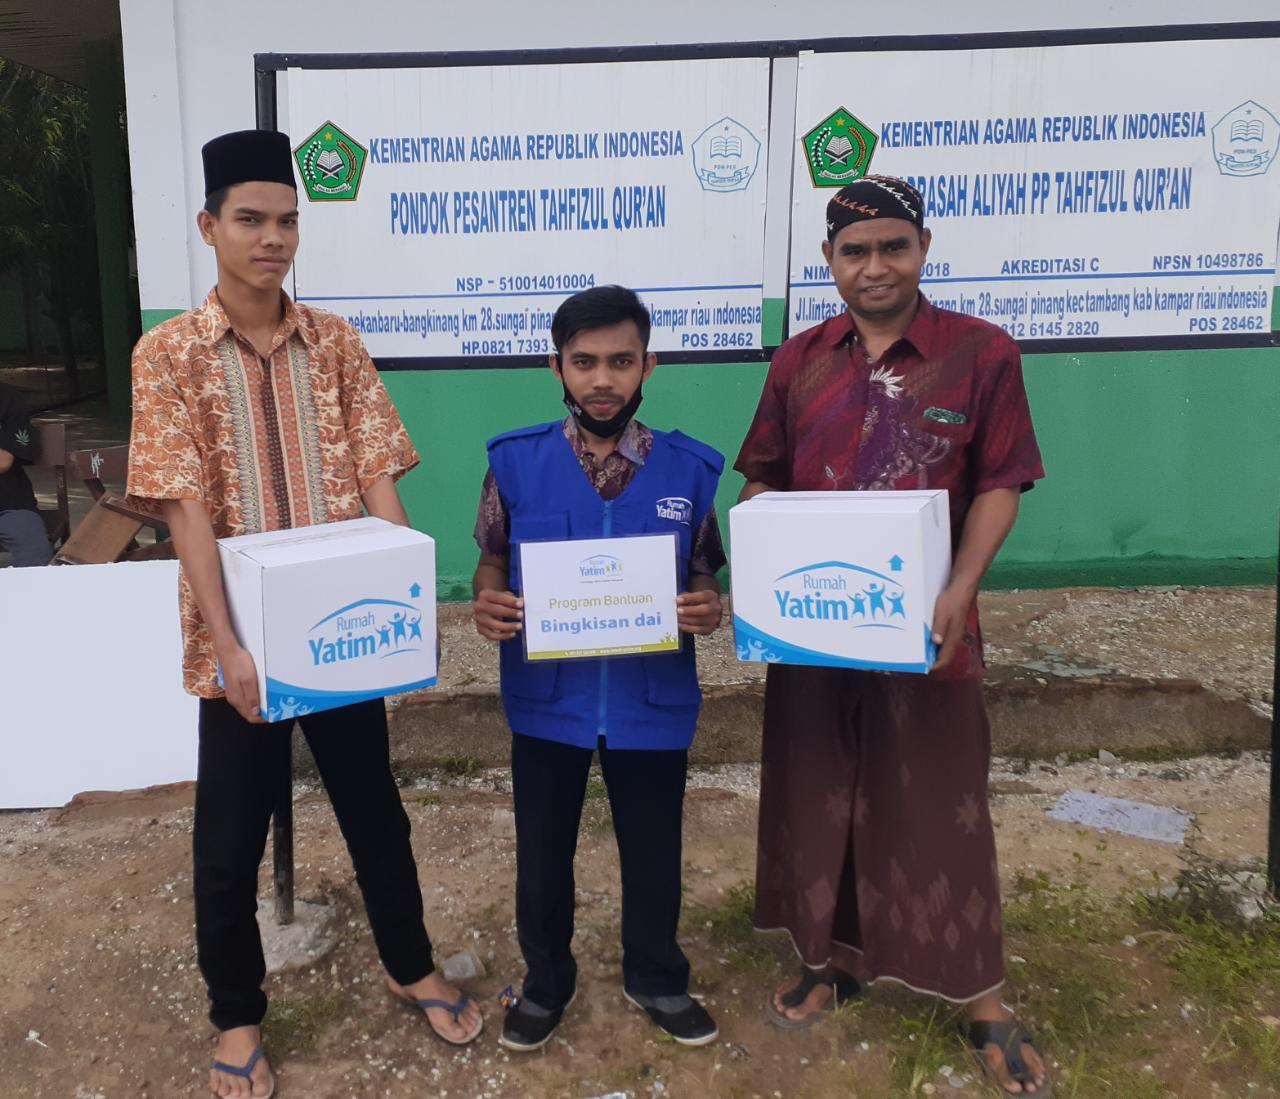 Rumah Yatim Berbagi untuk Ponpes Tahfizul Quran